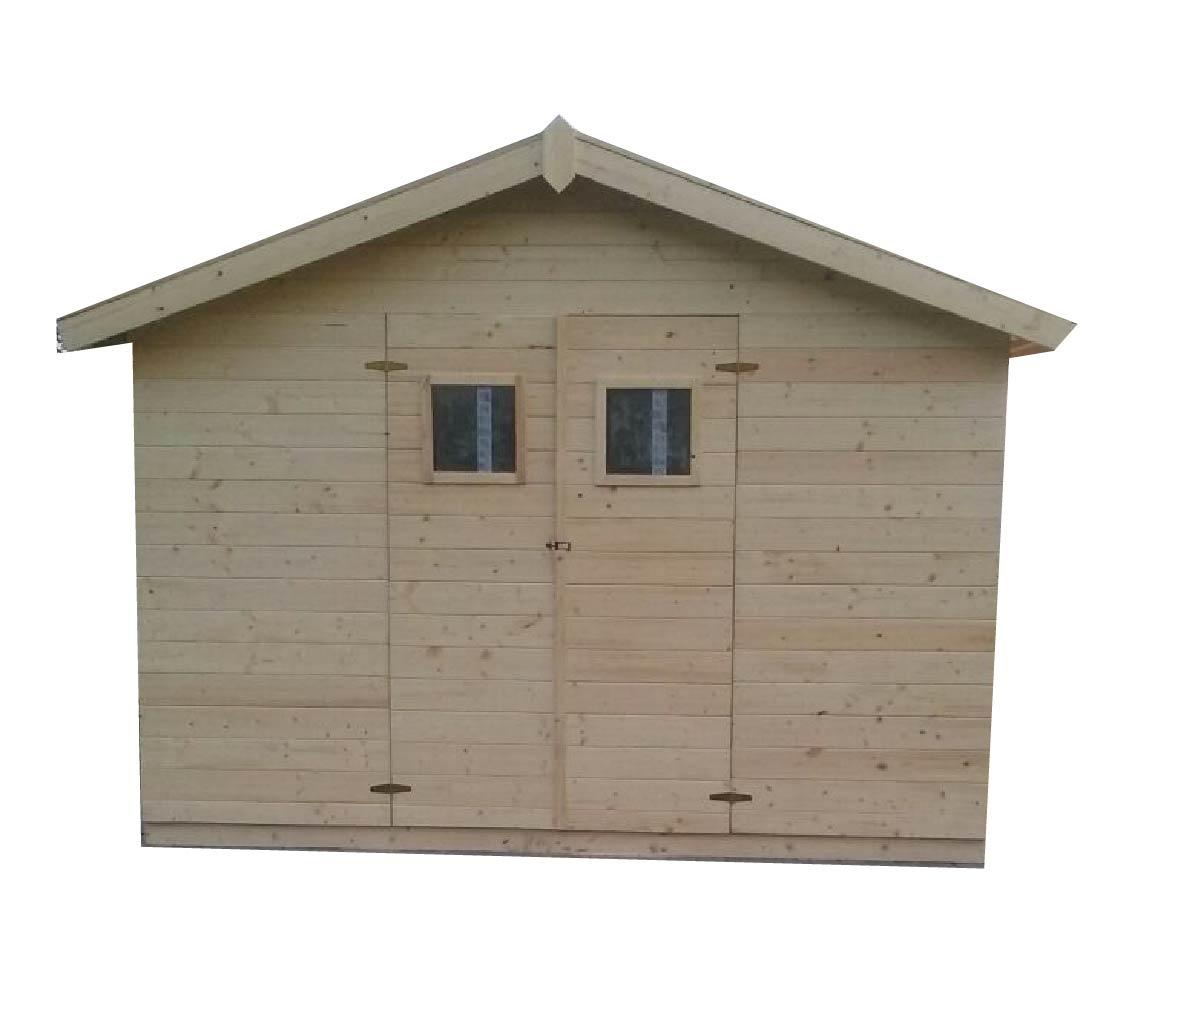 gartenh user bis 8 m2 gartenhaus aus holz 2 7m x 2 7m 19mm mit fenstern murcia. Black Bedroom Furniture Sets. Home Design Ideas